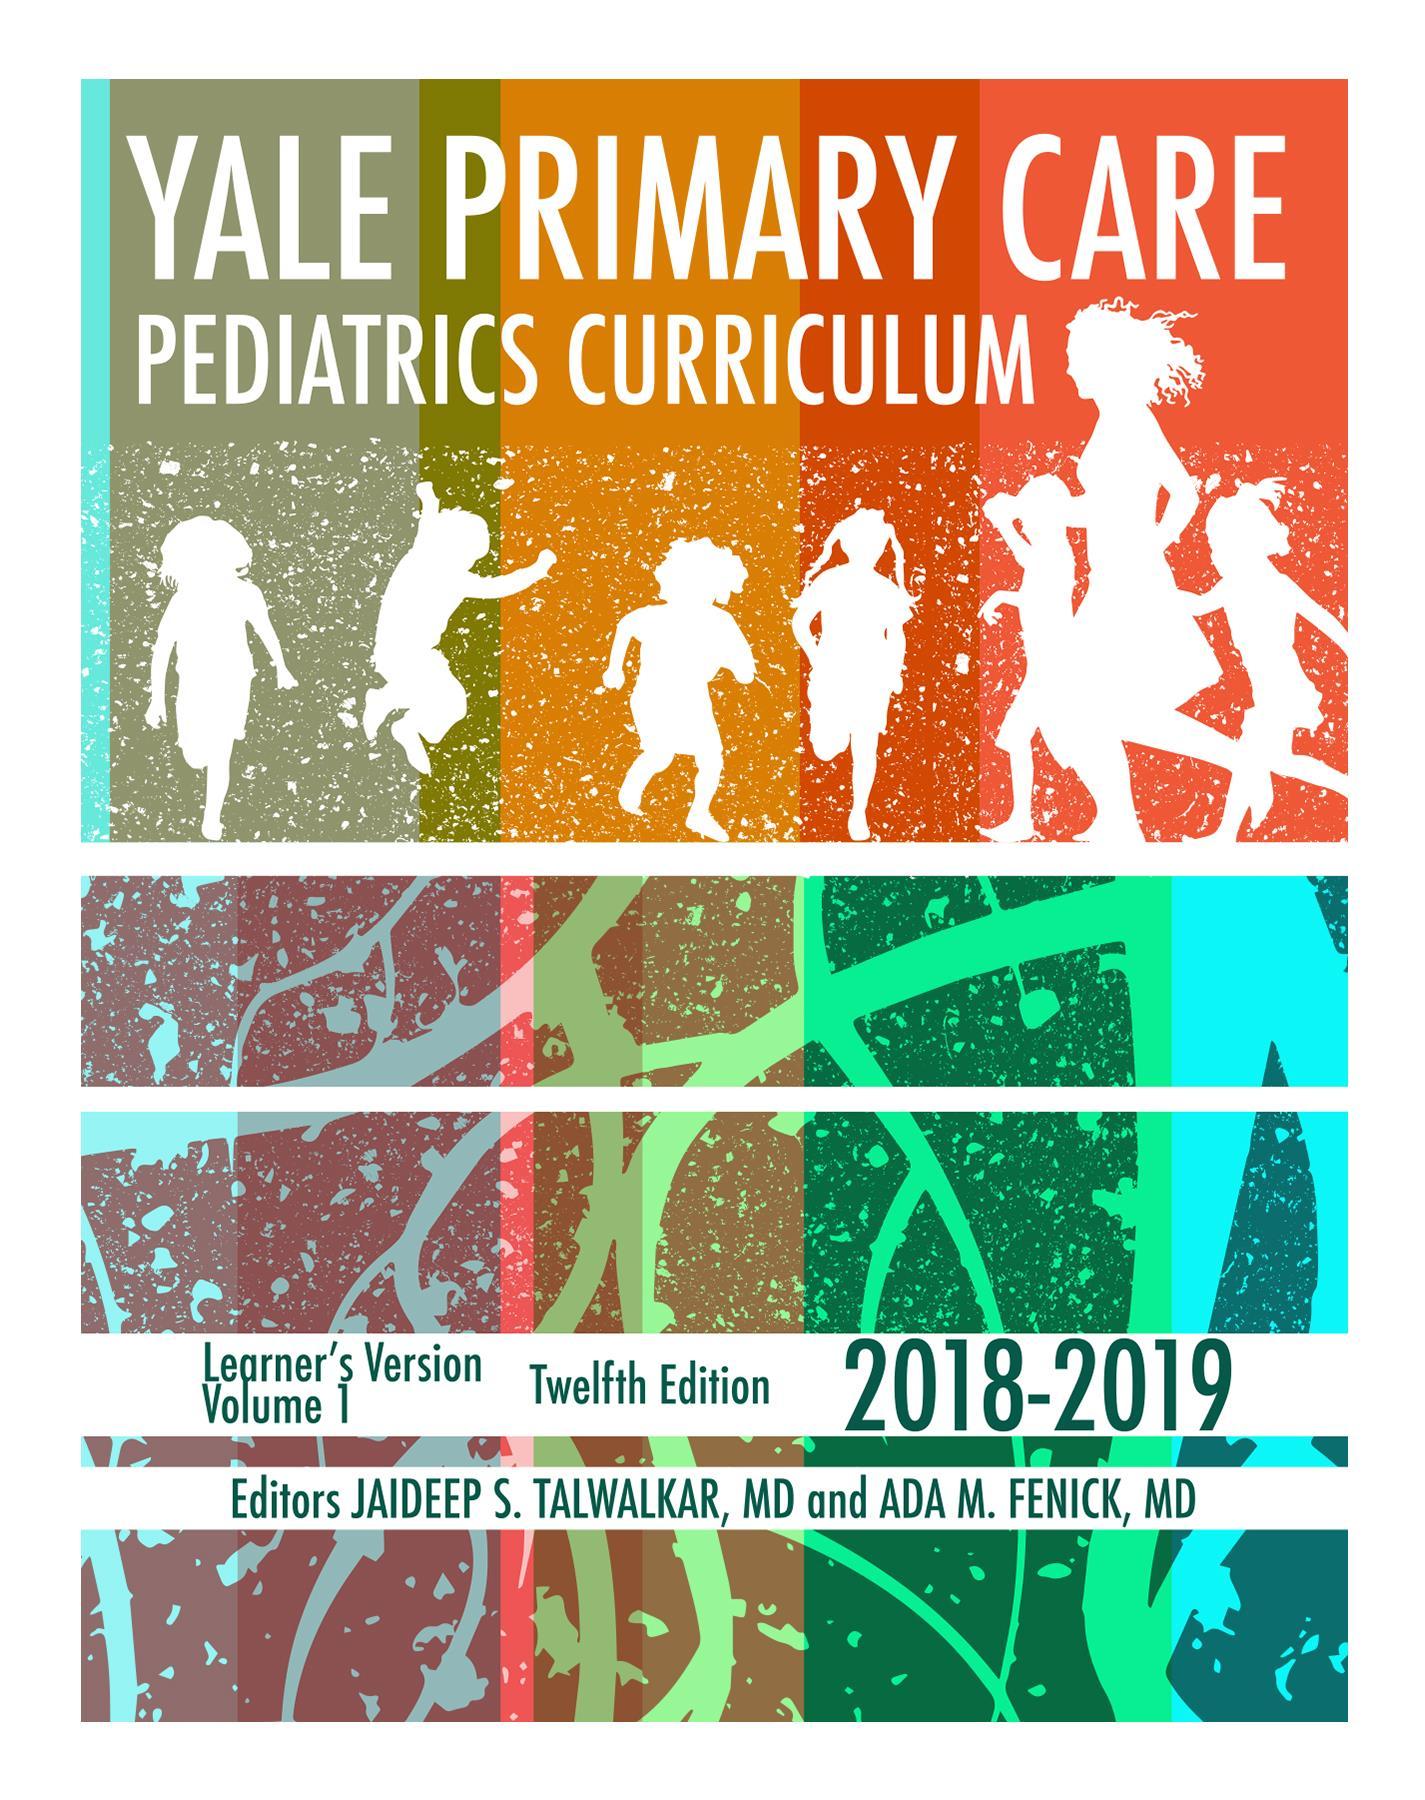 Yale Primary Care Pediatrics Curriculum 2018-2019 cover